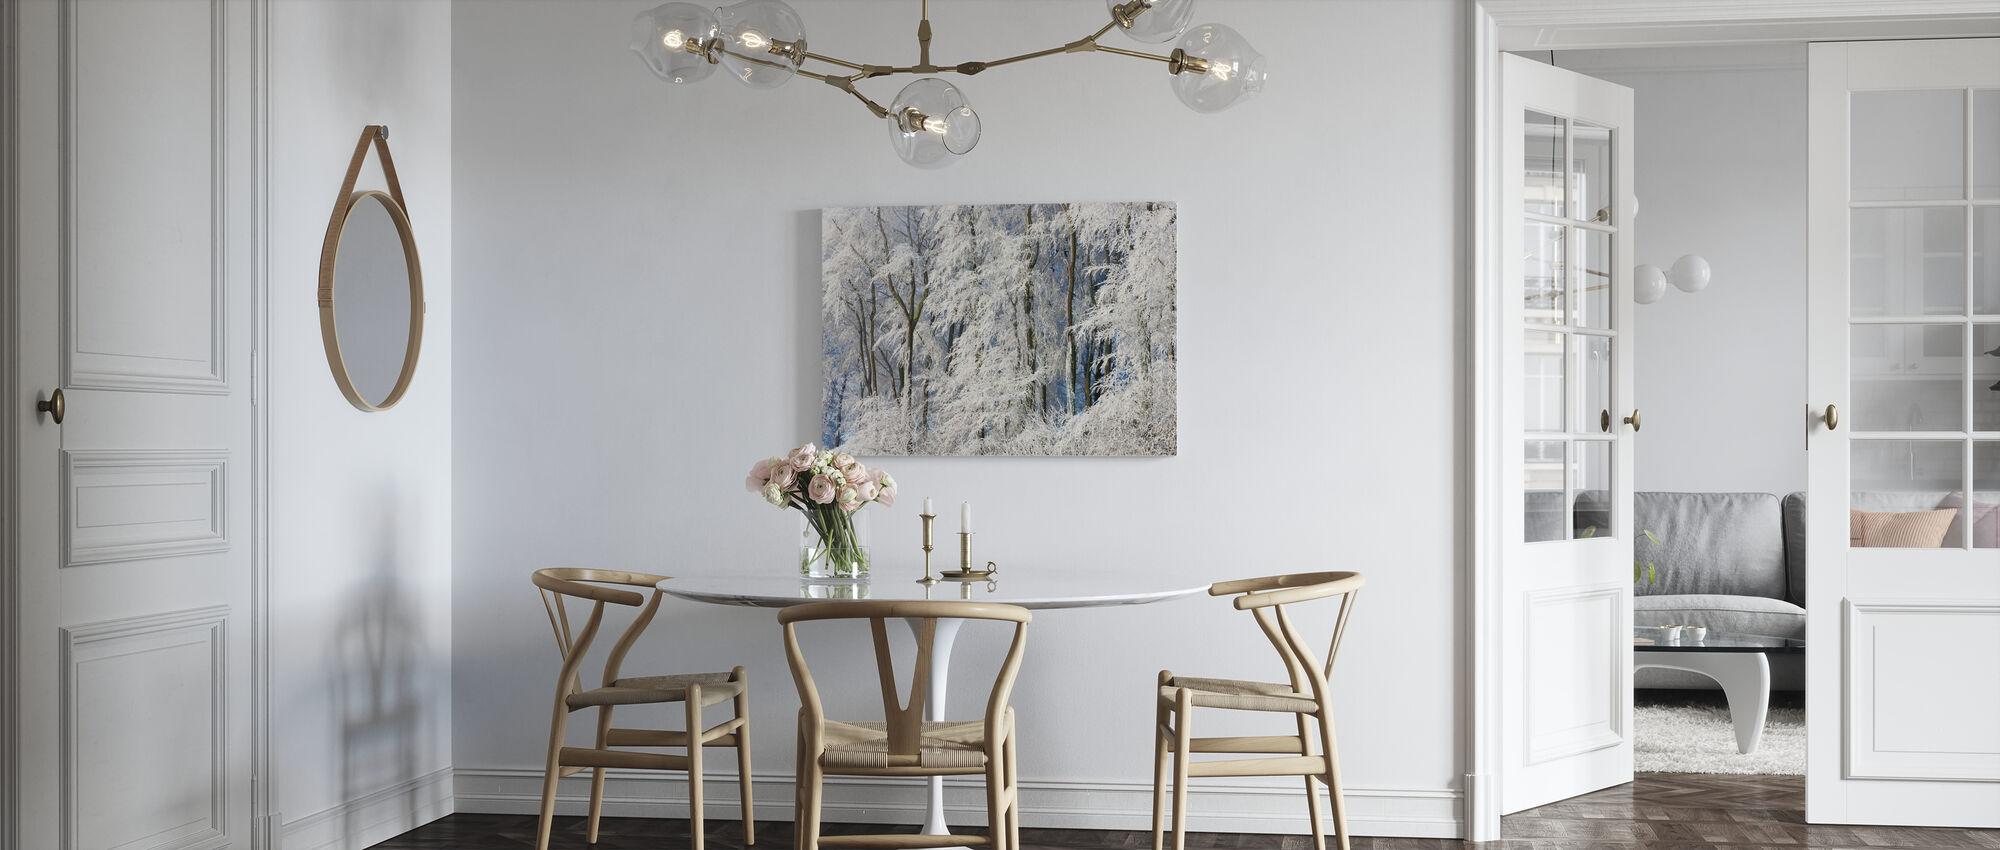 Lumen peitossa puita Gloucestershire - Canvastaulu - Keittiö